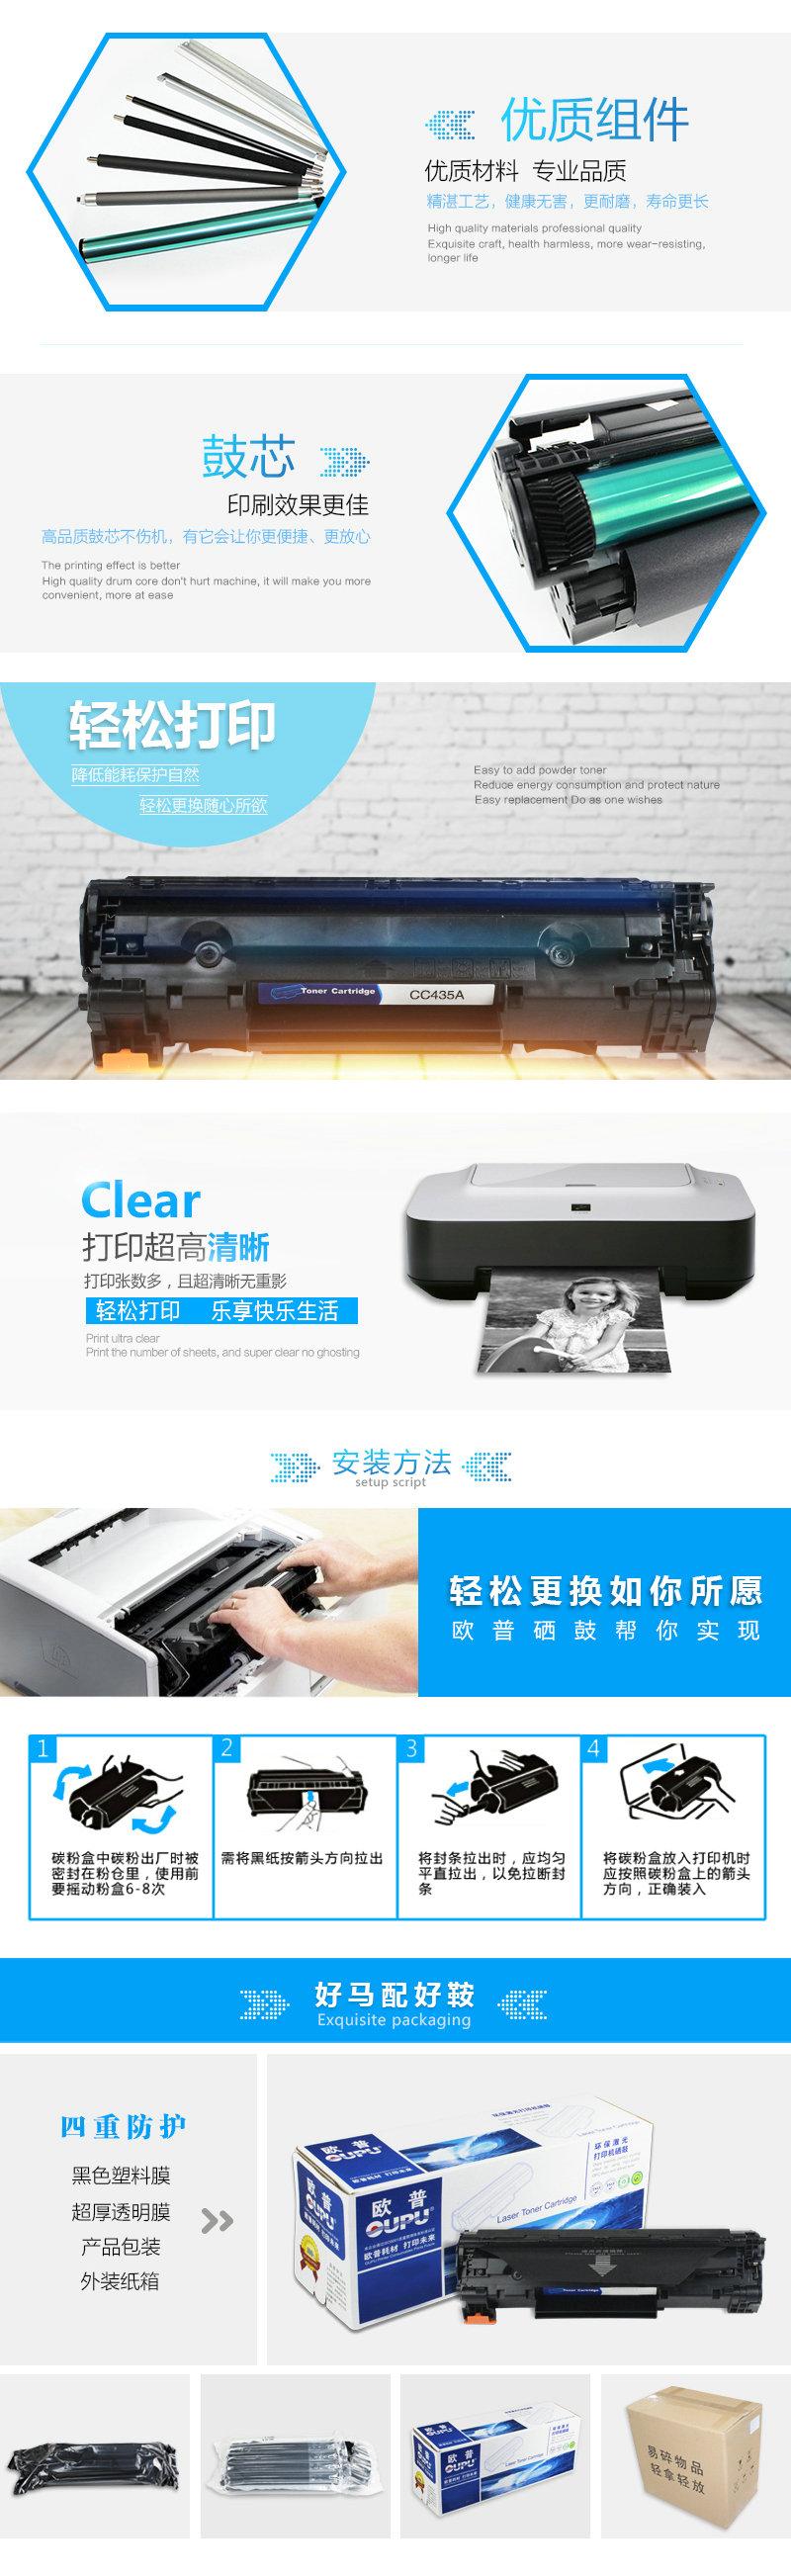 欧普CC435A打印机万博体育手机官网登录普通2